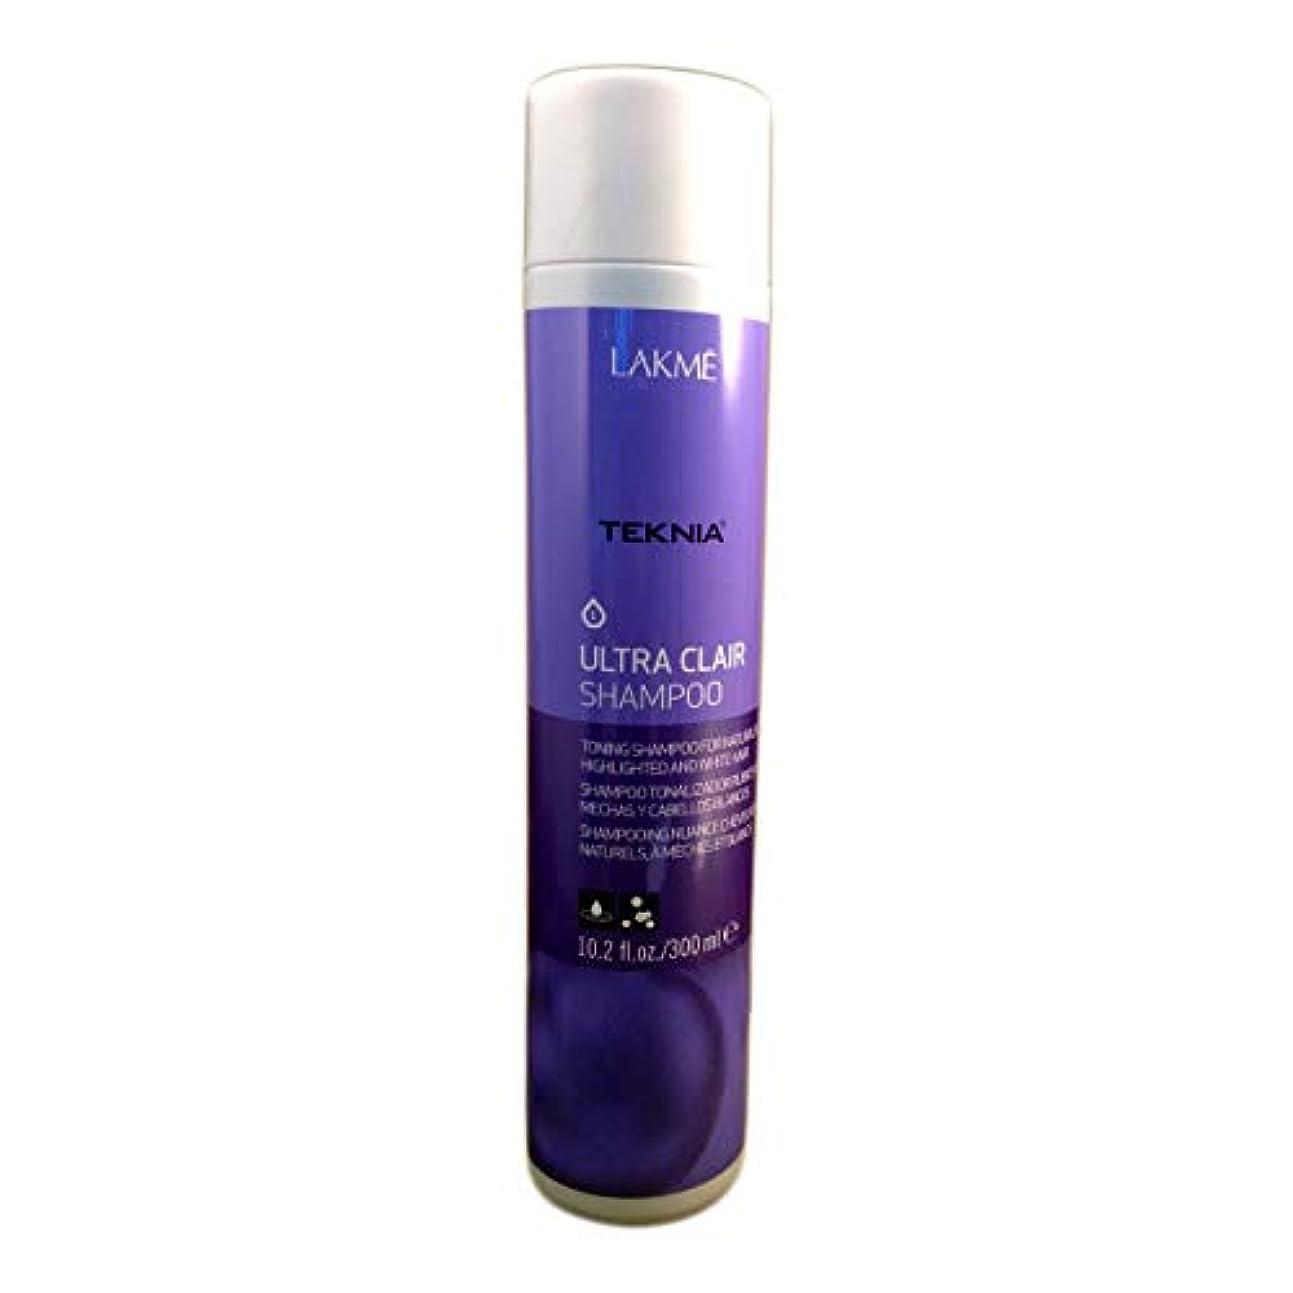 の間に攻撃的乗り出すLakme Teknia Ultra Clair Shampoo 10.2 Oz (300ml)